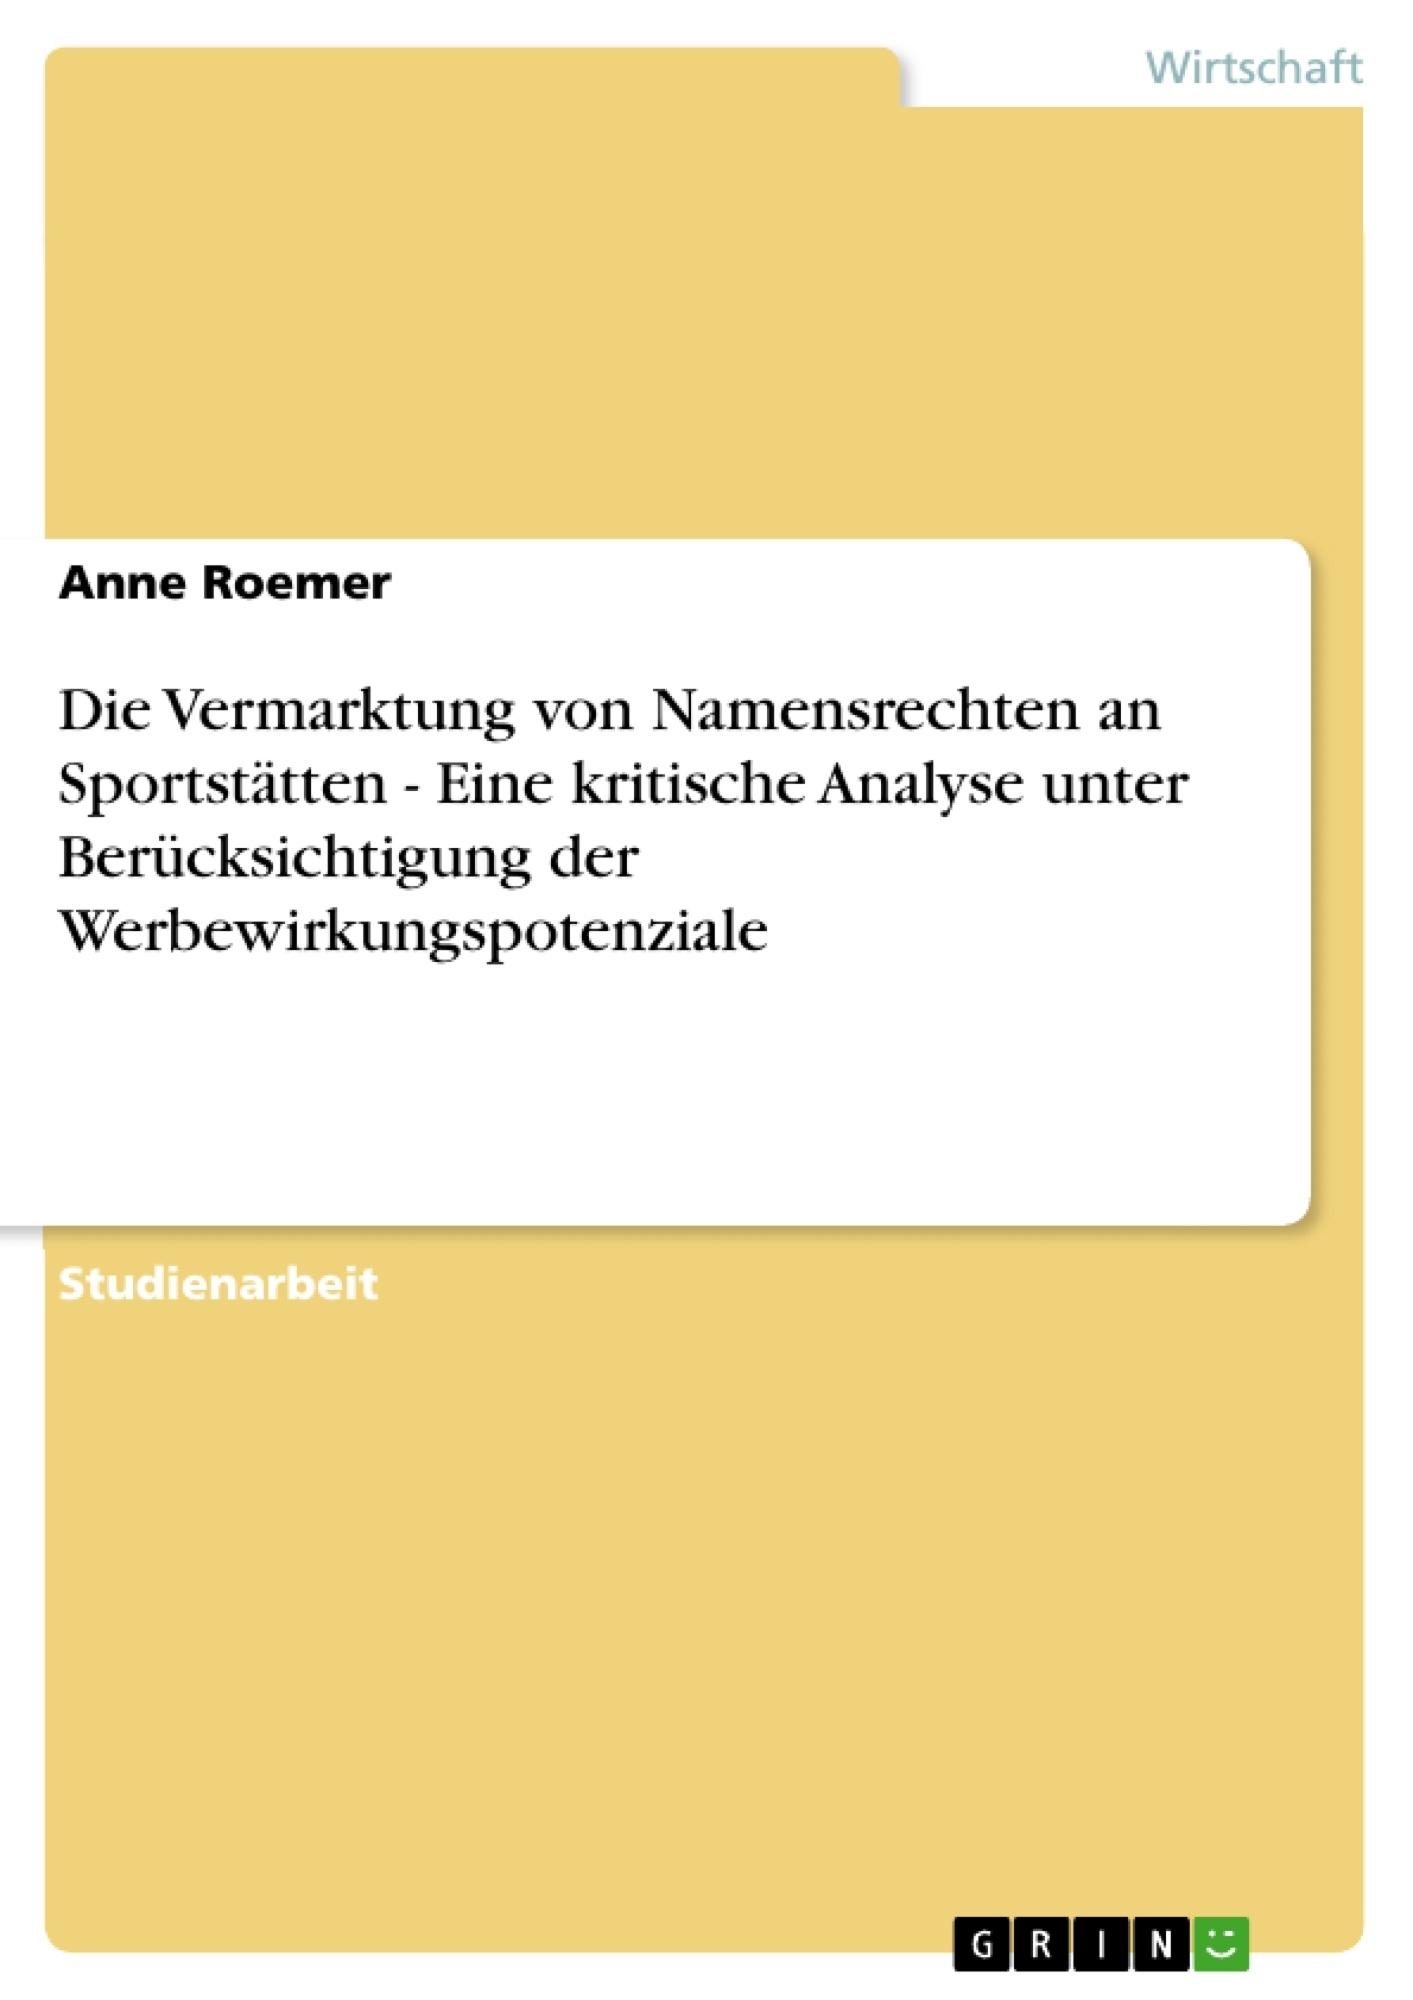 Titel: Die Vermarktung von Namensrechten an Sportstätten - Eine kritische Analyse unter Berücksichtigung der Werbewirkungspotenziale